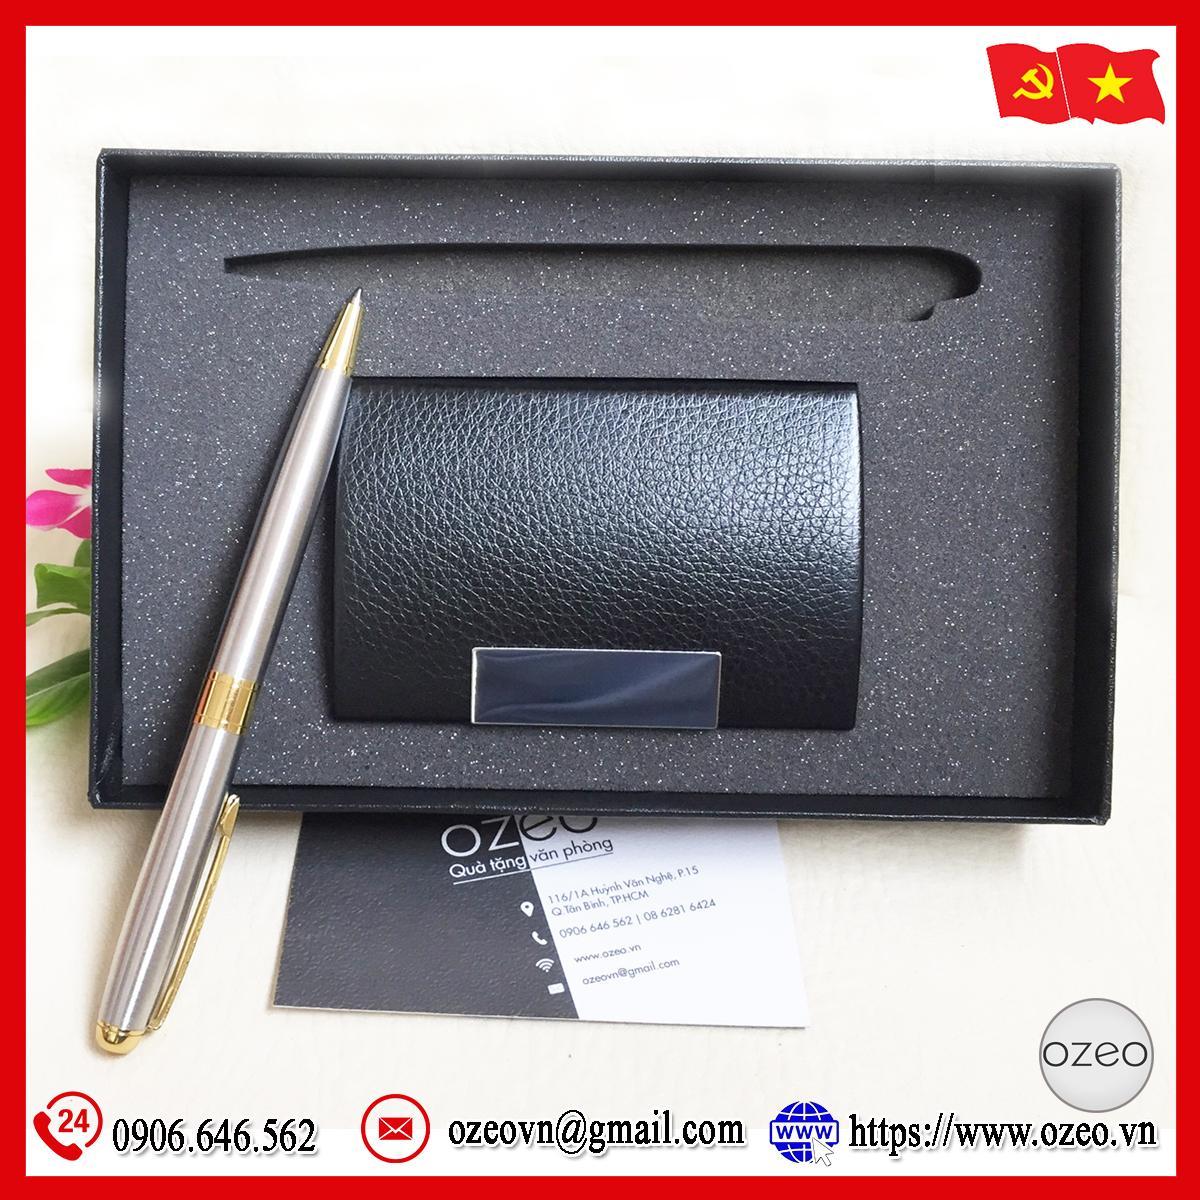 Bộ giftset bút kim loại BK14 và hộp đựng name card NC01